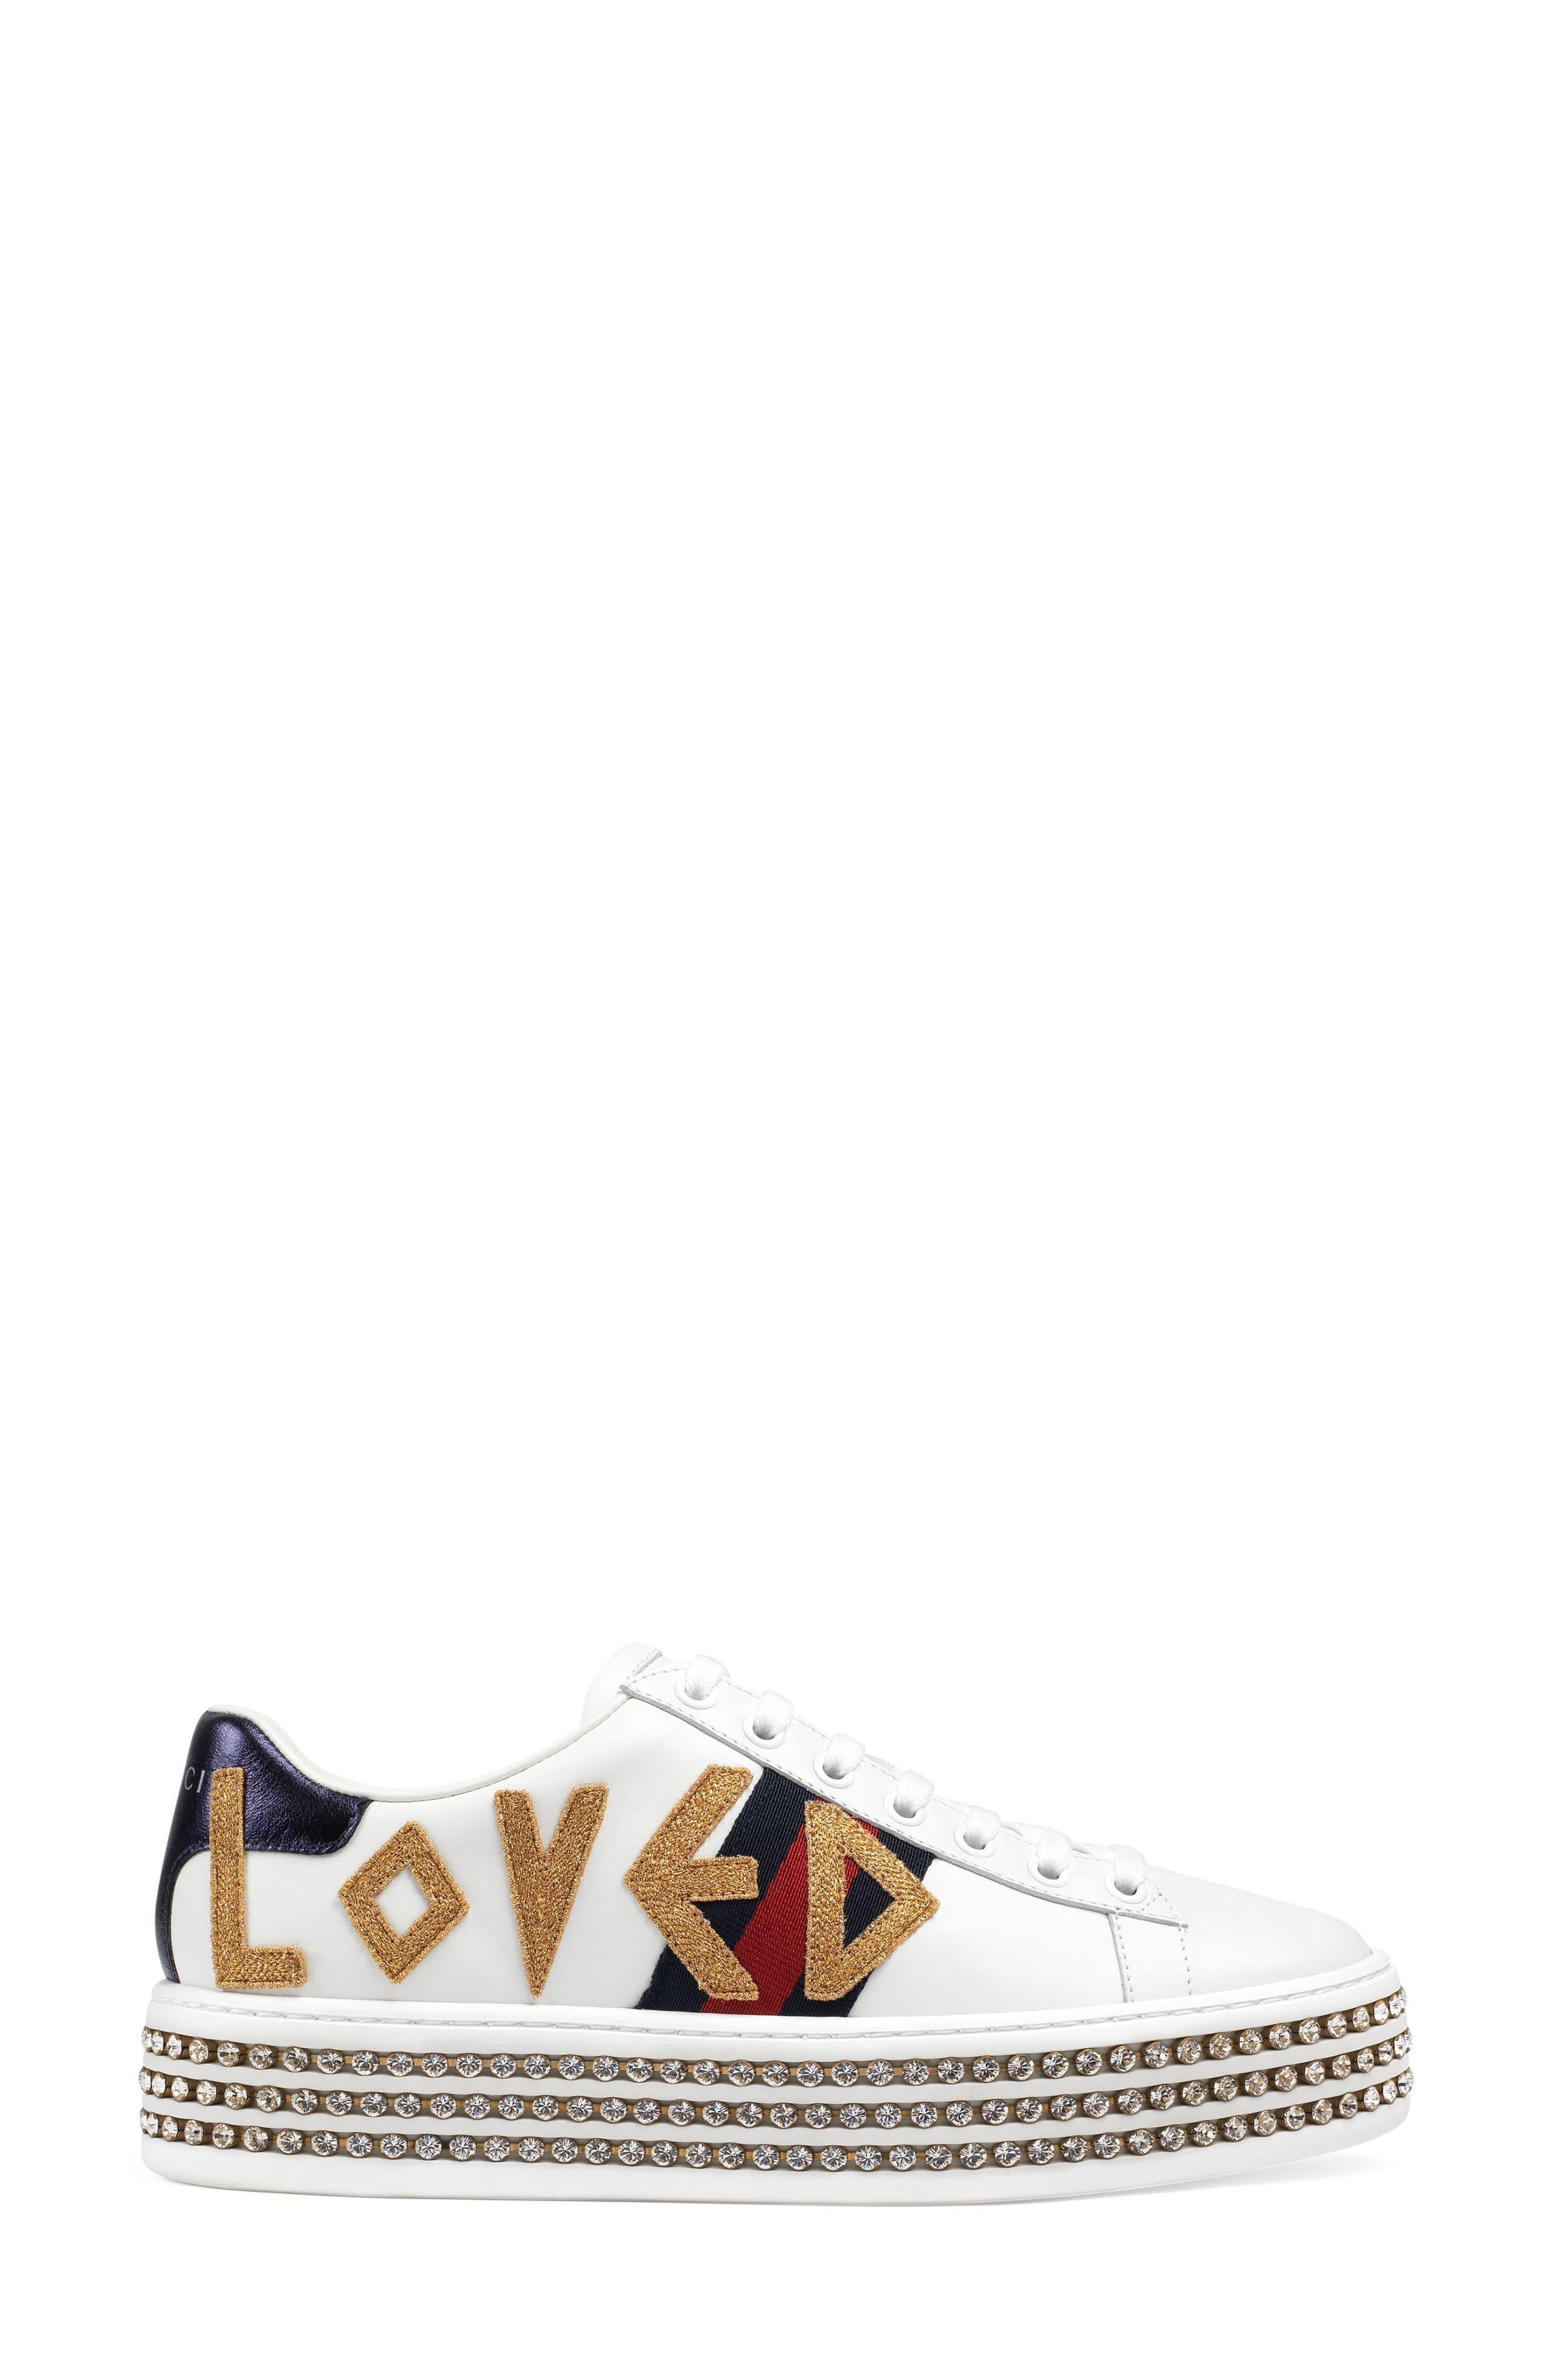 New Ace Crystal Embellished Flatform Sneaker,                             Alternate thumbnail 2, color,                             117